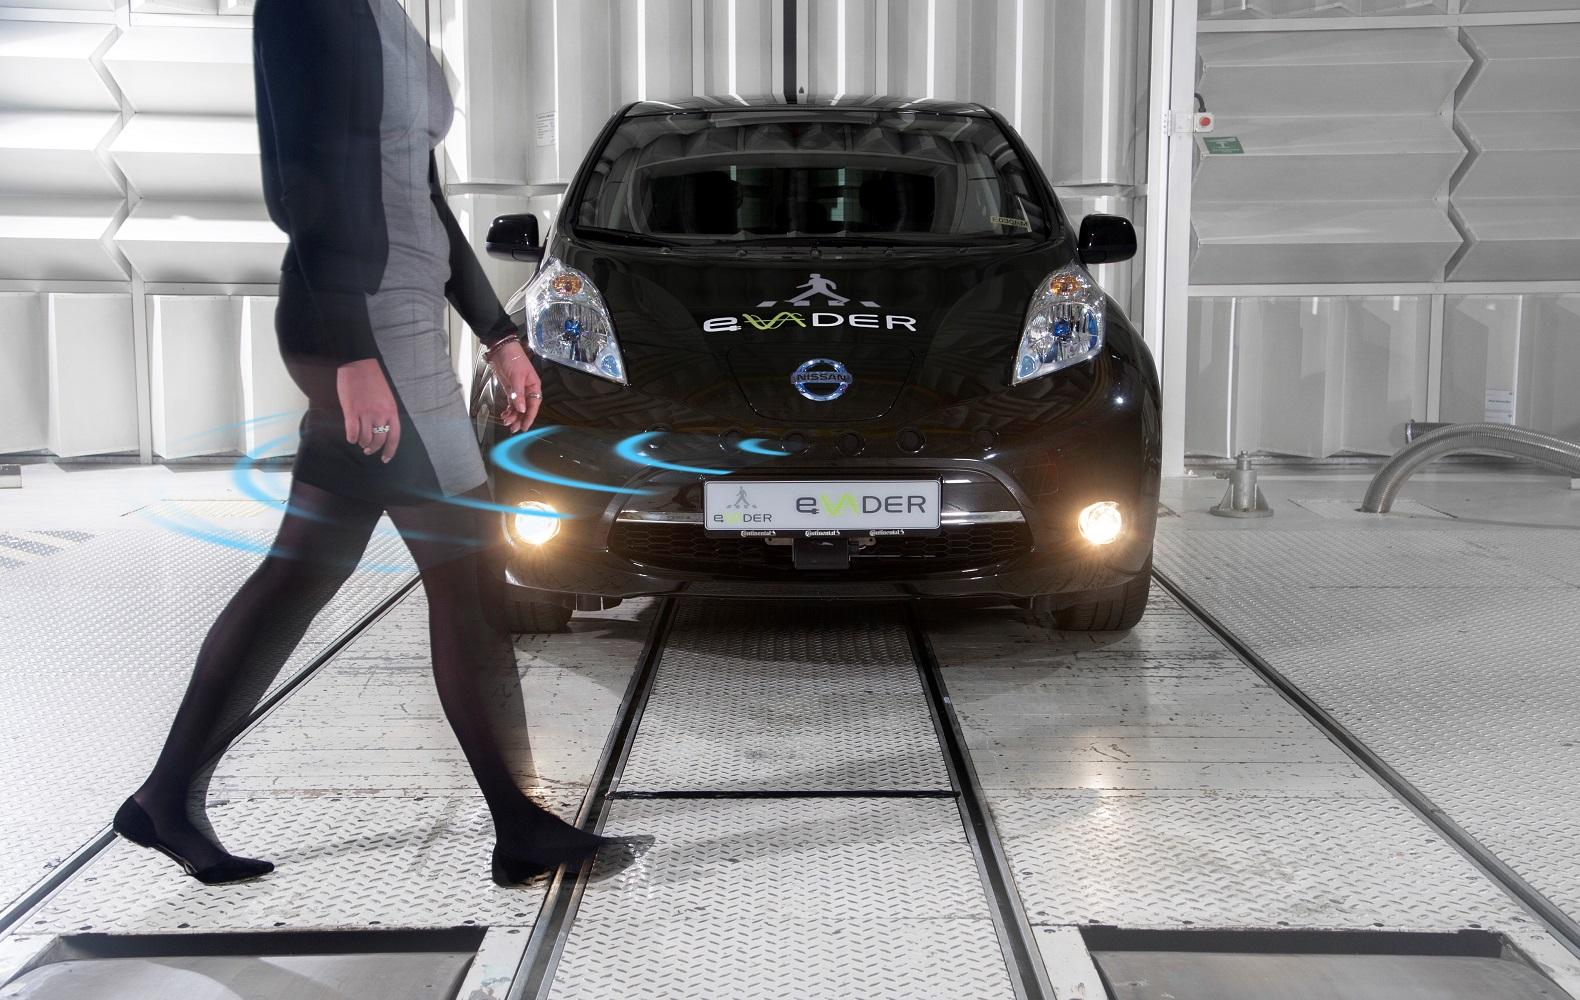 Nissan a apporté son expertise des VEs au projet eVADER d'alerte des piétons